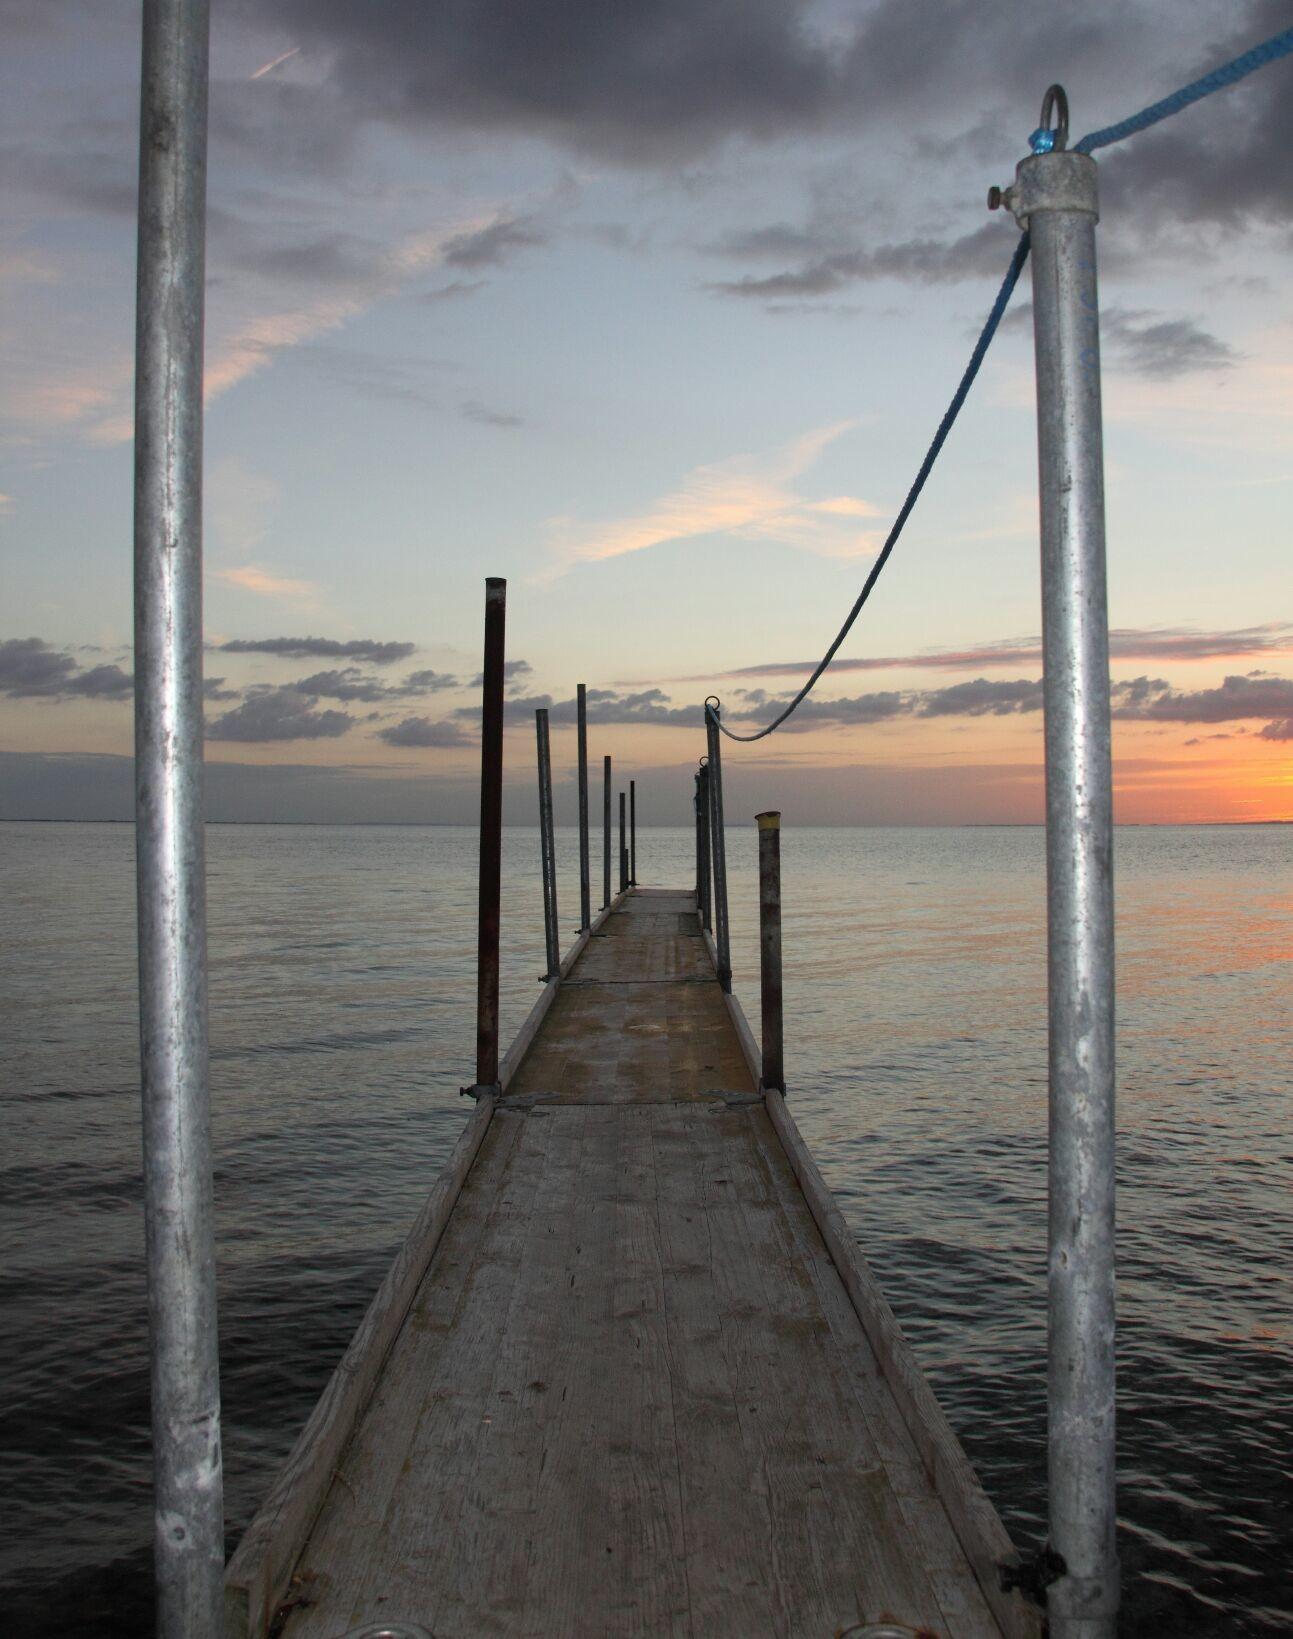 Calm evening sea. Samsø, Denmark